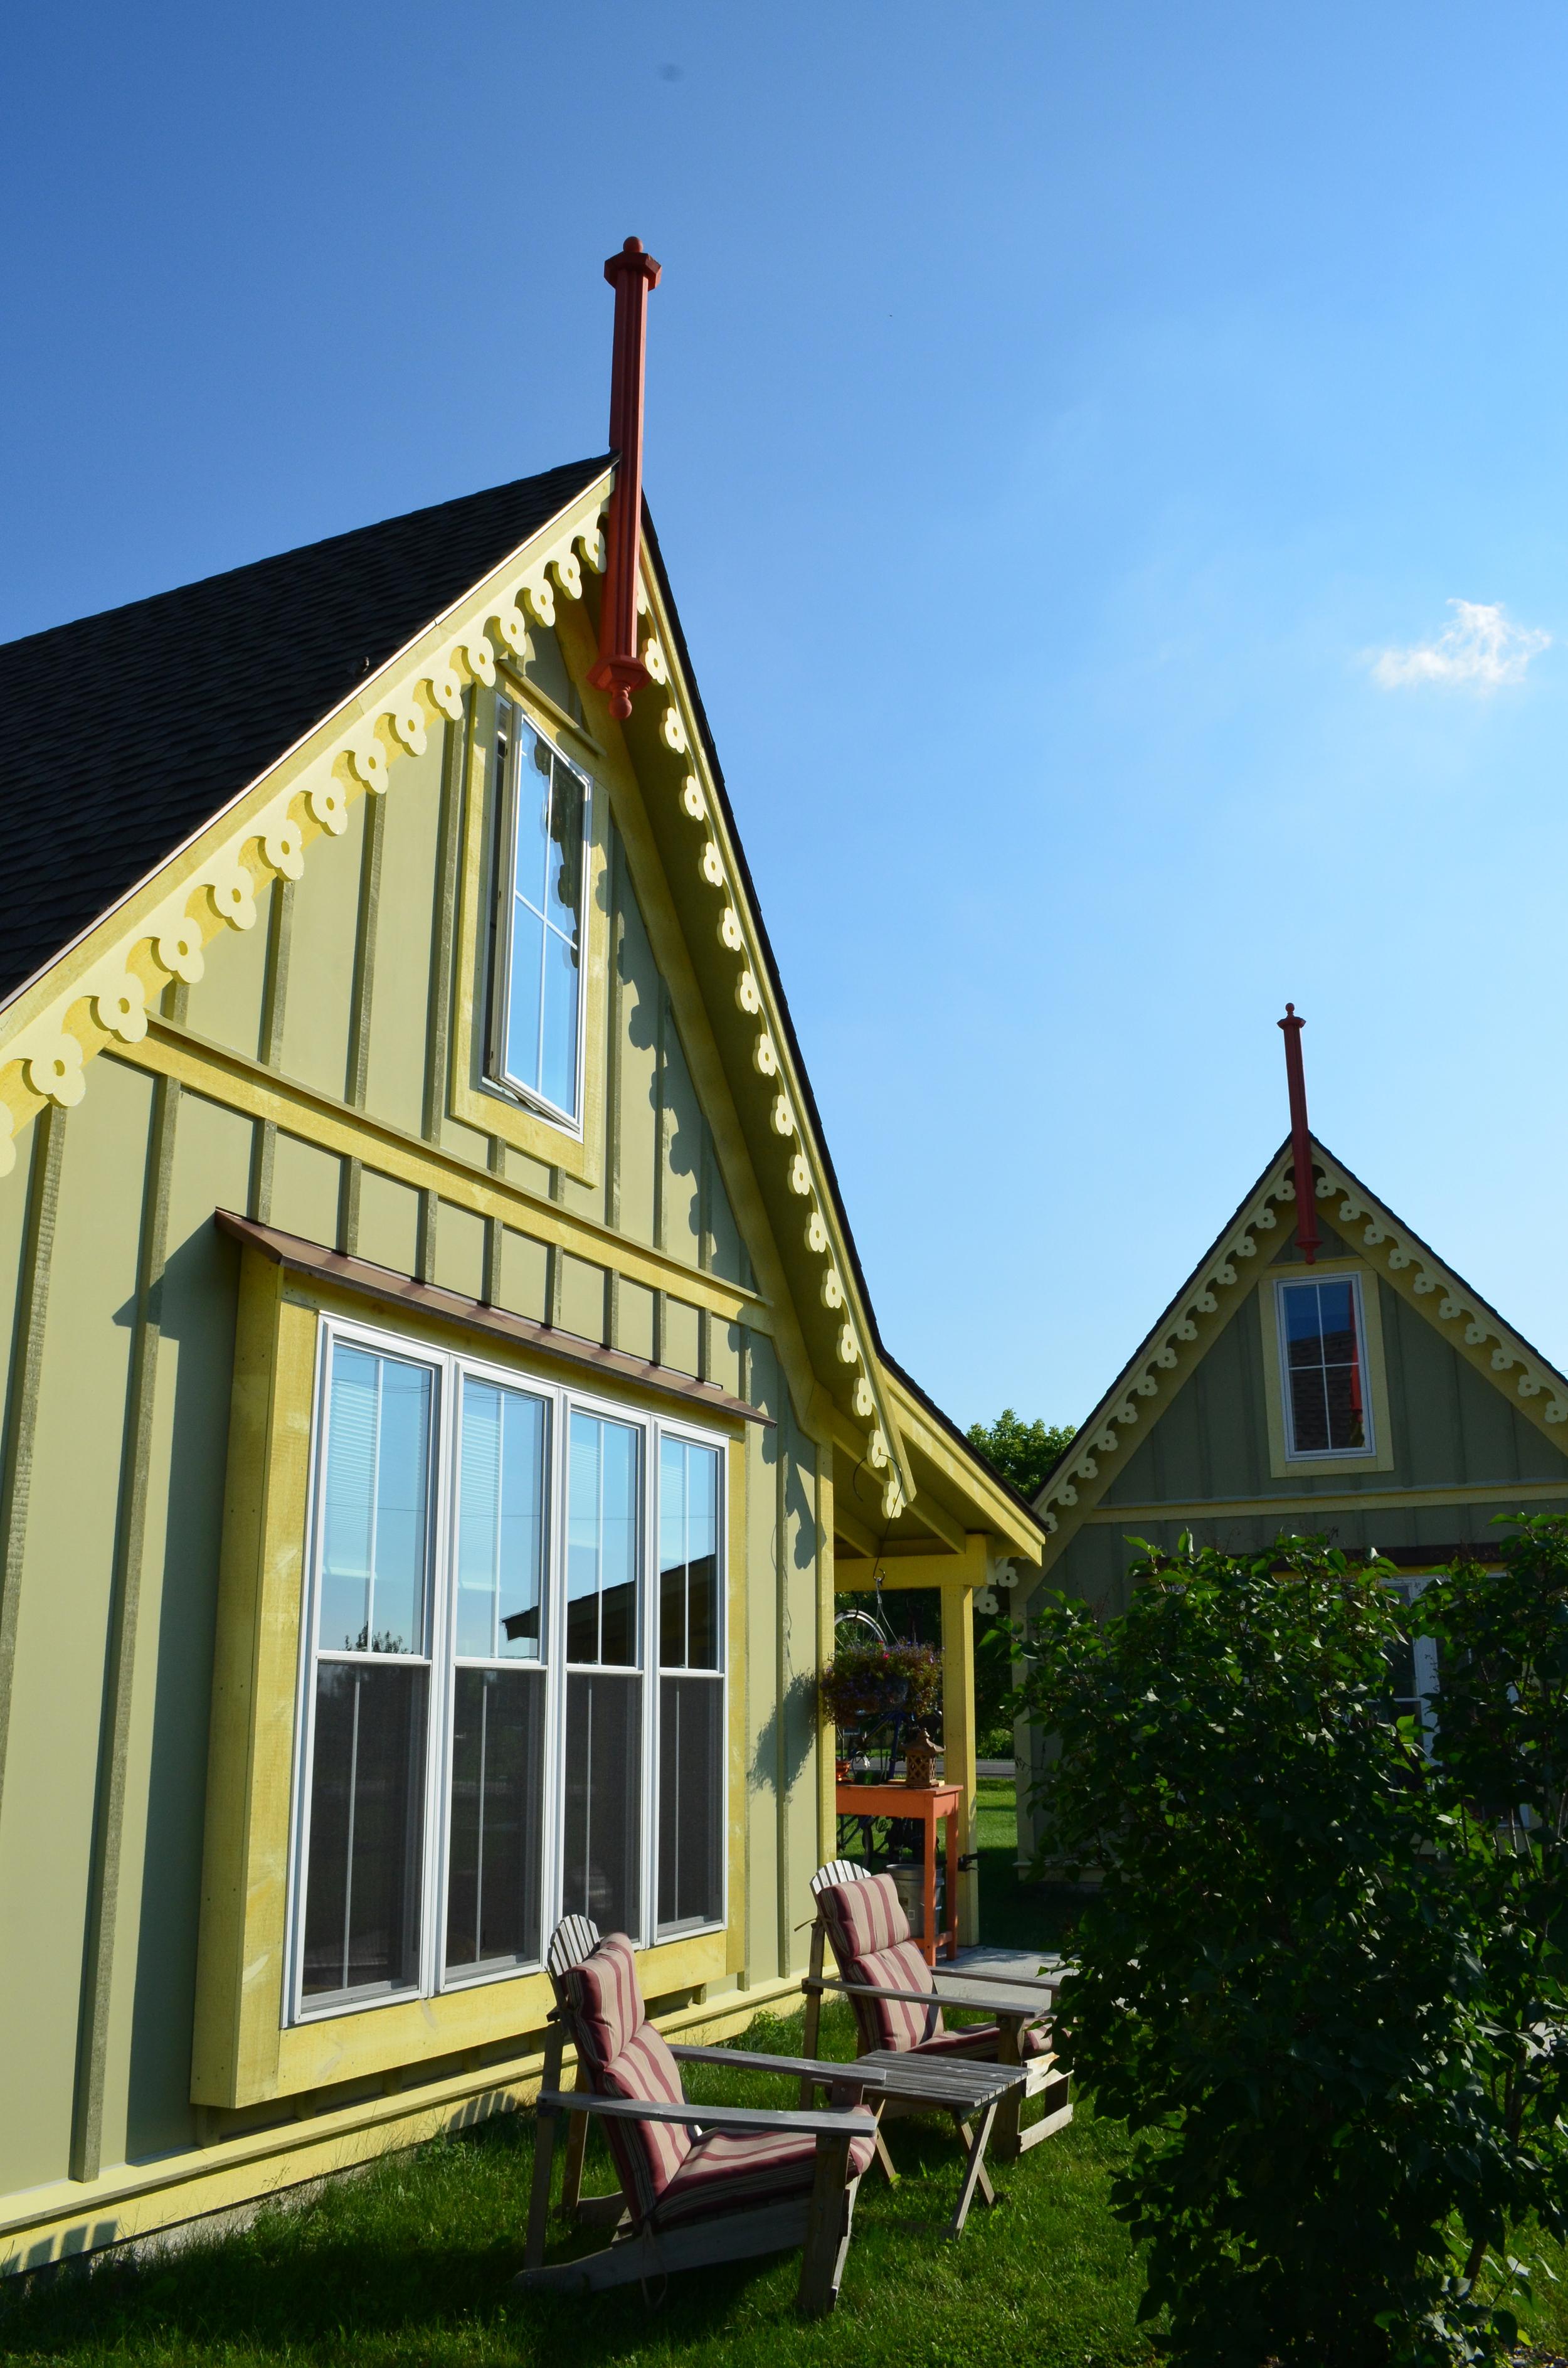 Boiceville-Cottages-green-cottage.jpg